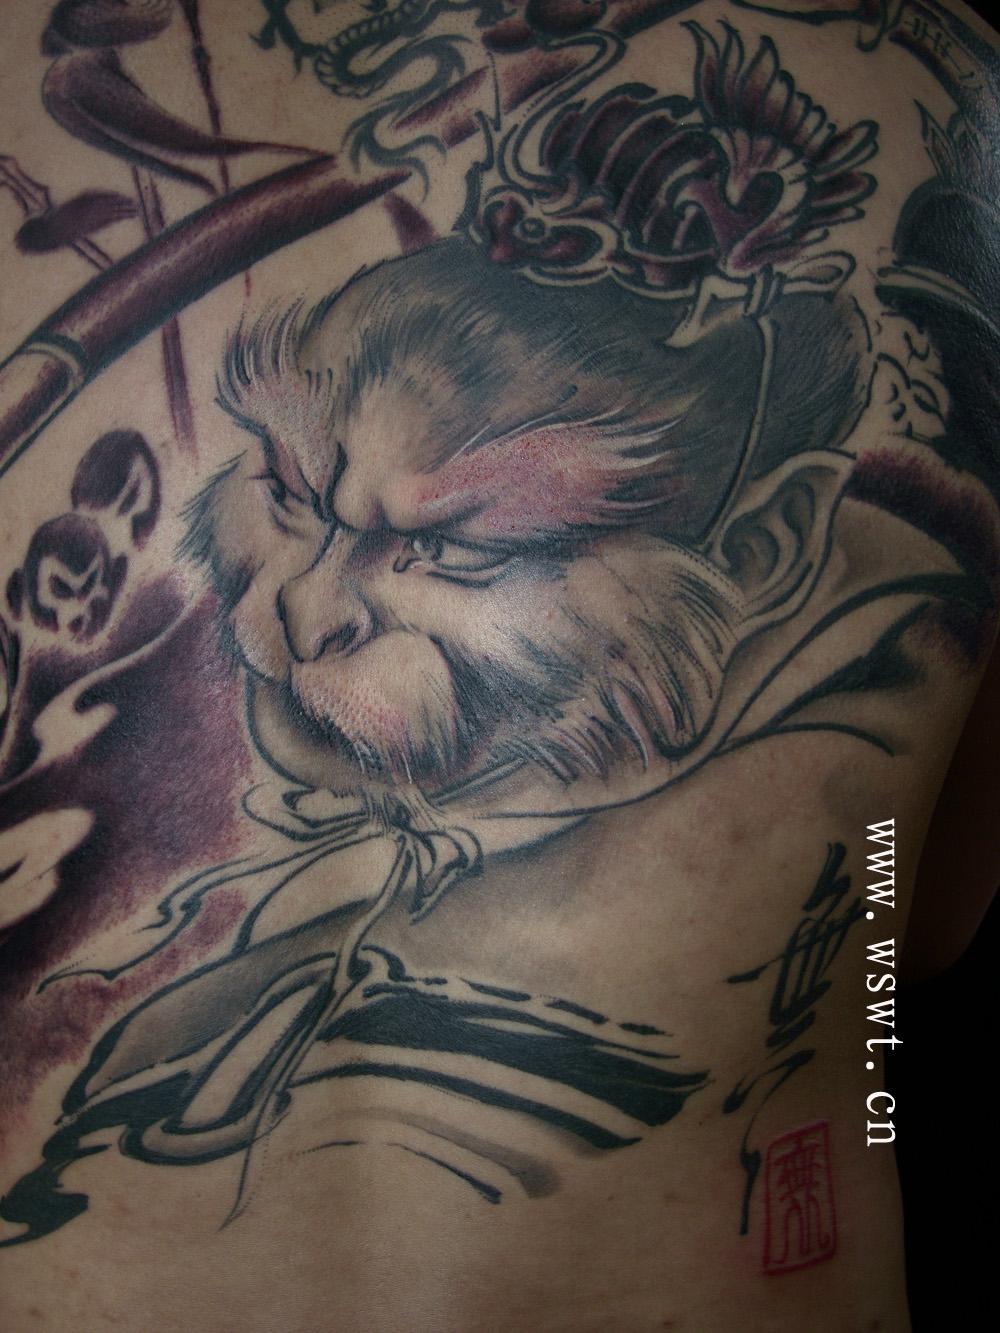 齐天大圣腿部纹身手稿分享展示图片